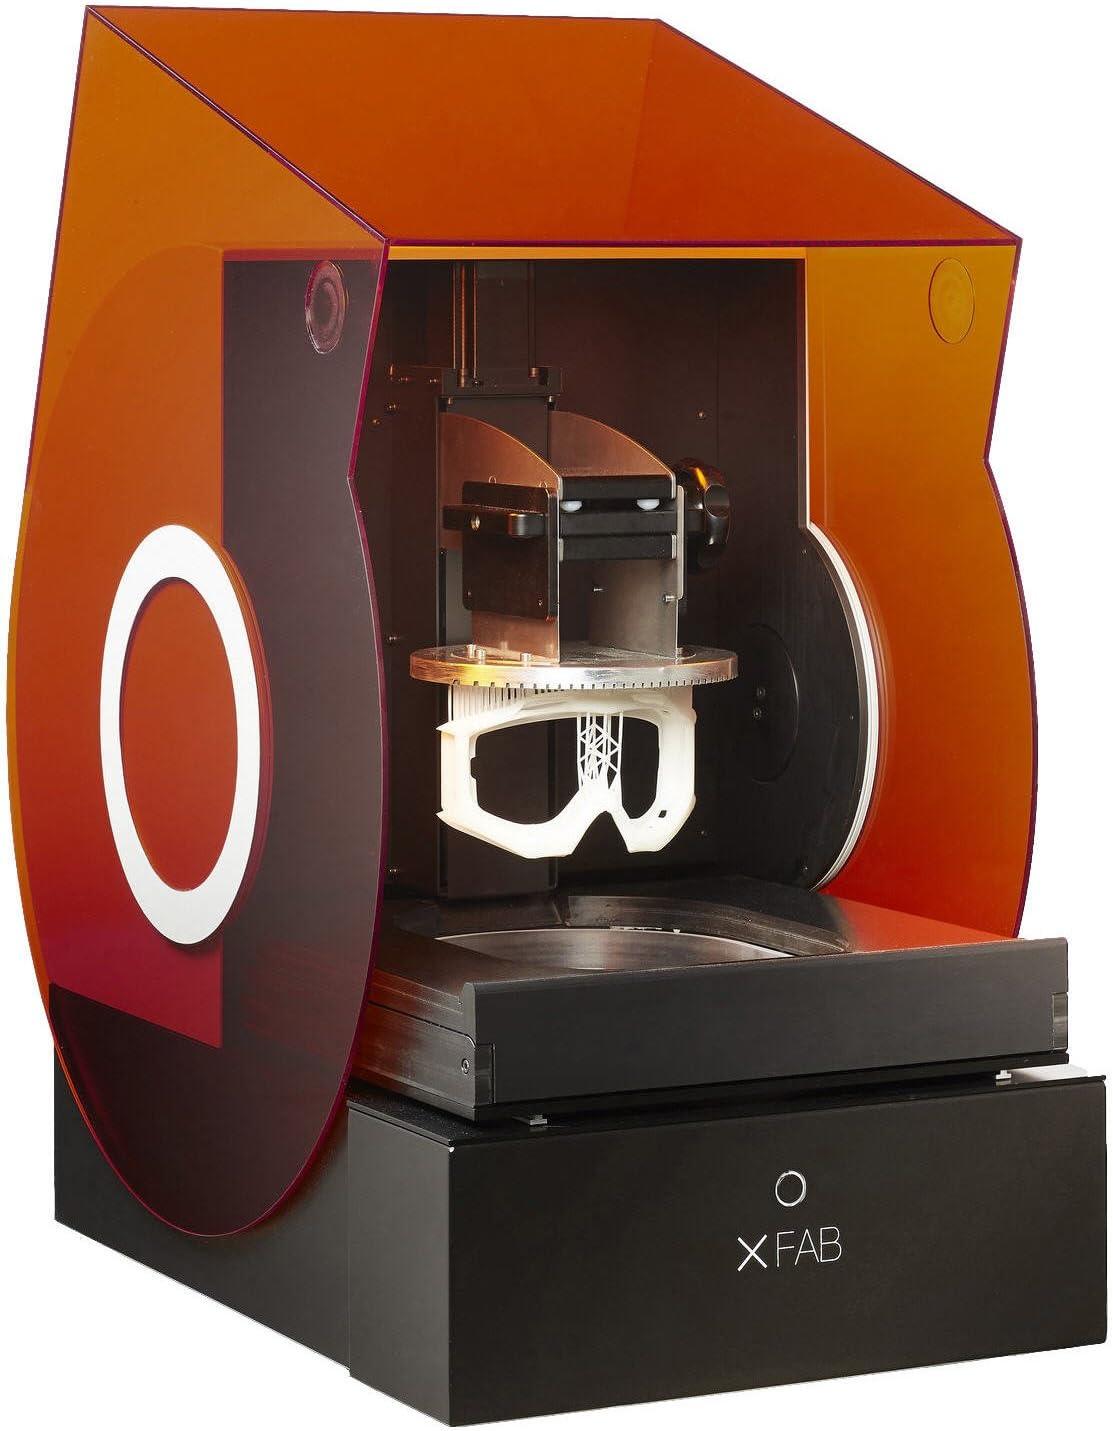 Impresora 3d DWS xfab tecnología STL: Amazon.es: Informática